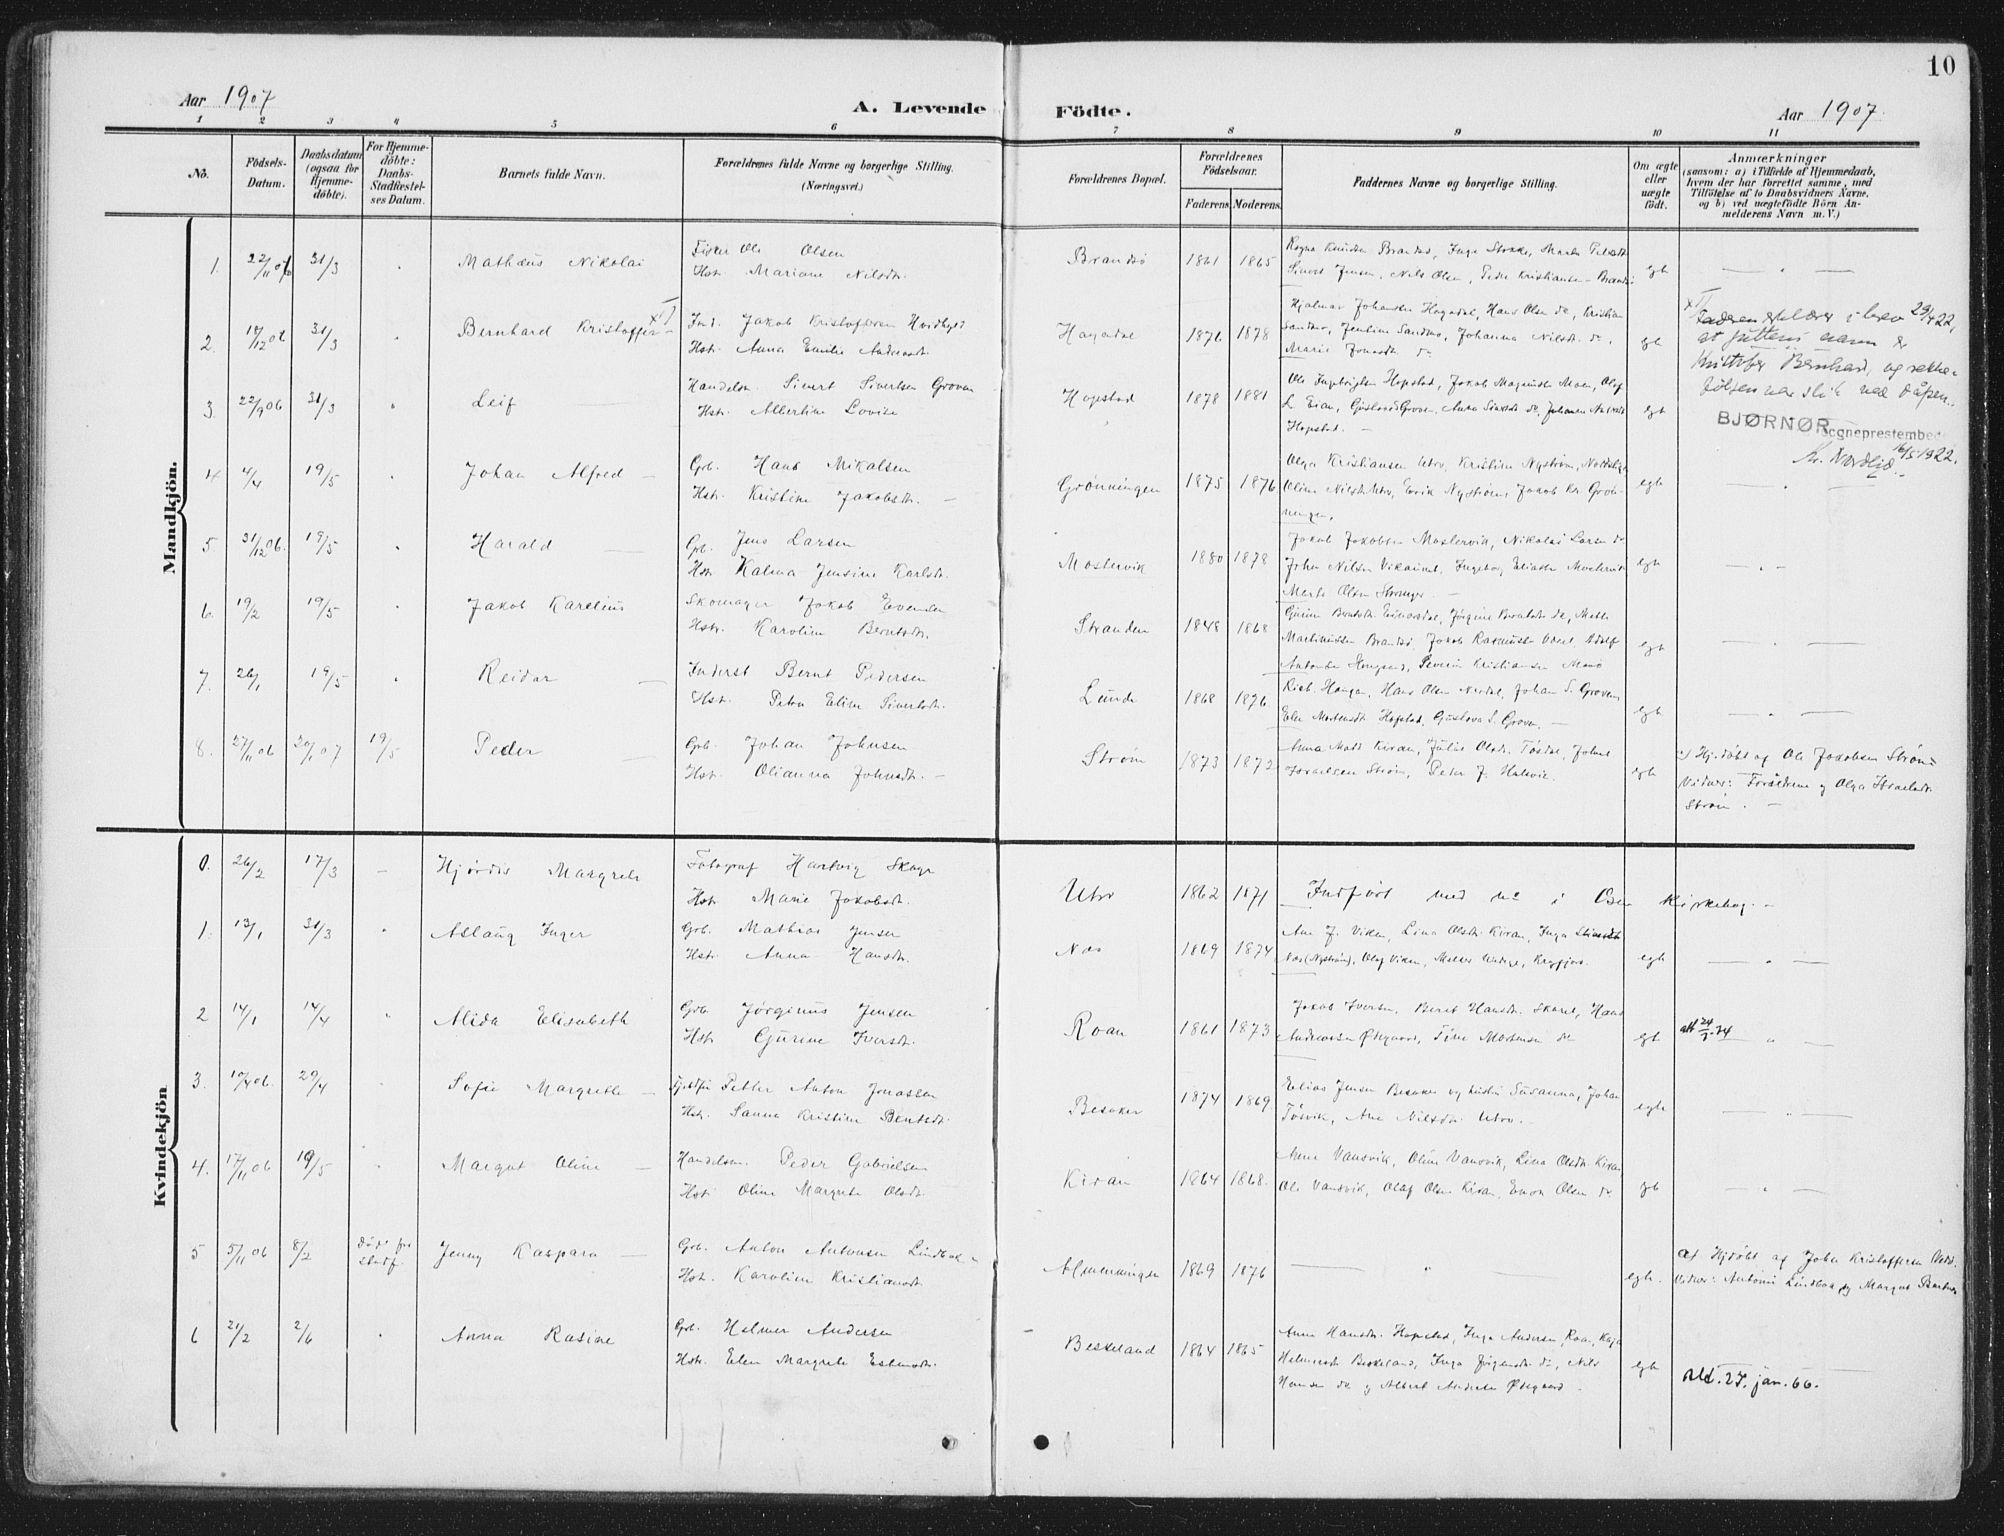 SAT, Ministerialprotokoller, klokkerbøker og fødselsregistre - Sør-Trøndelag, 657/L0709: Ministerialbok nr. 657A10, 1905-1919, s. 10